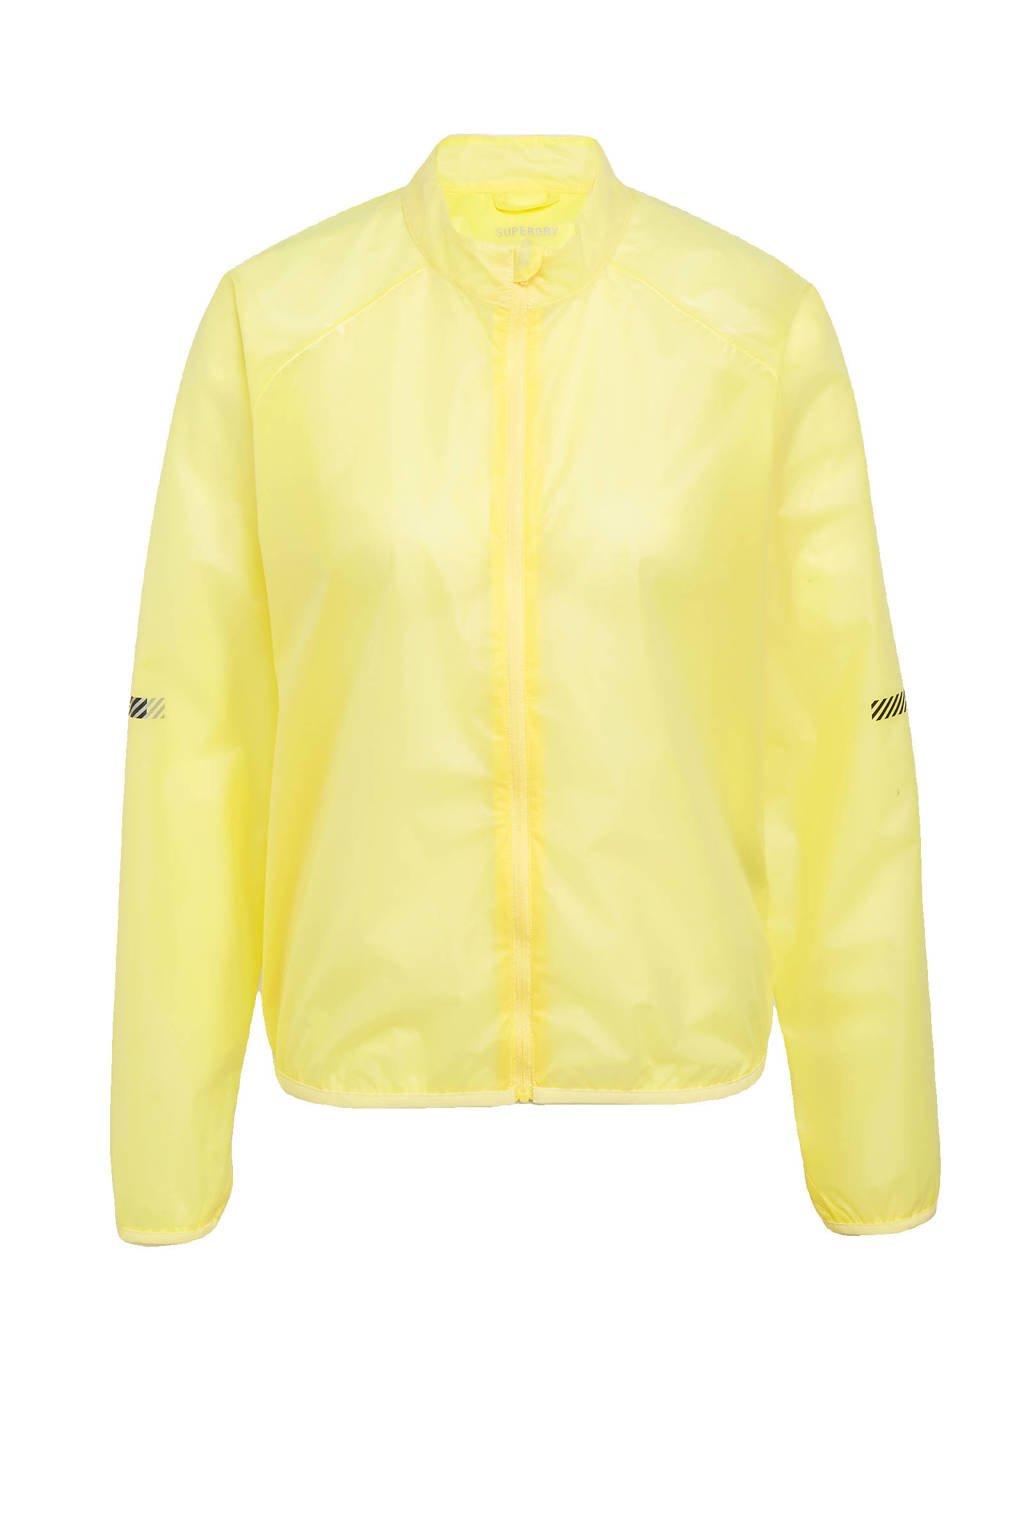 Superdry Sport hardloopjack geel, Geel